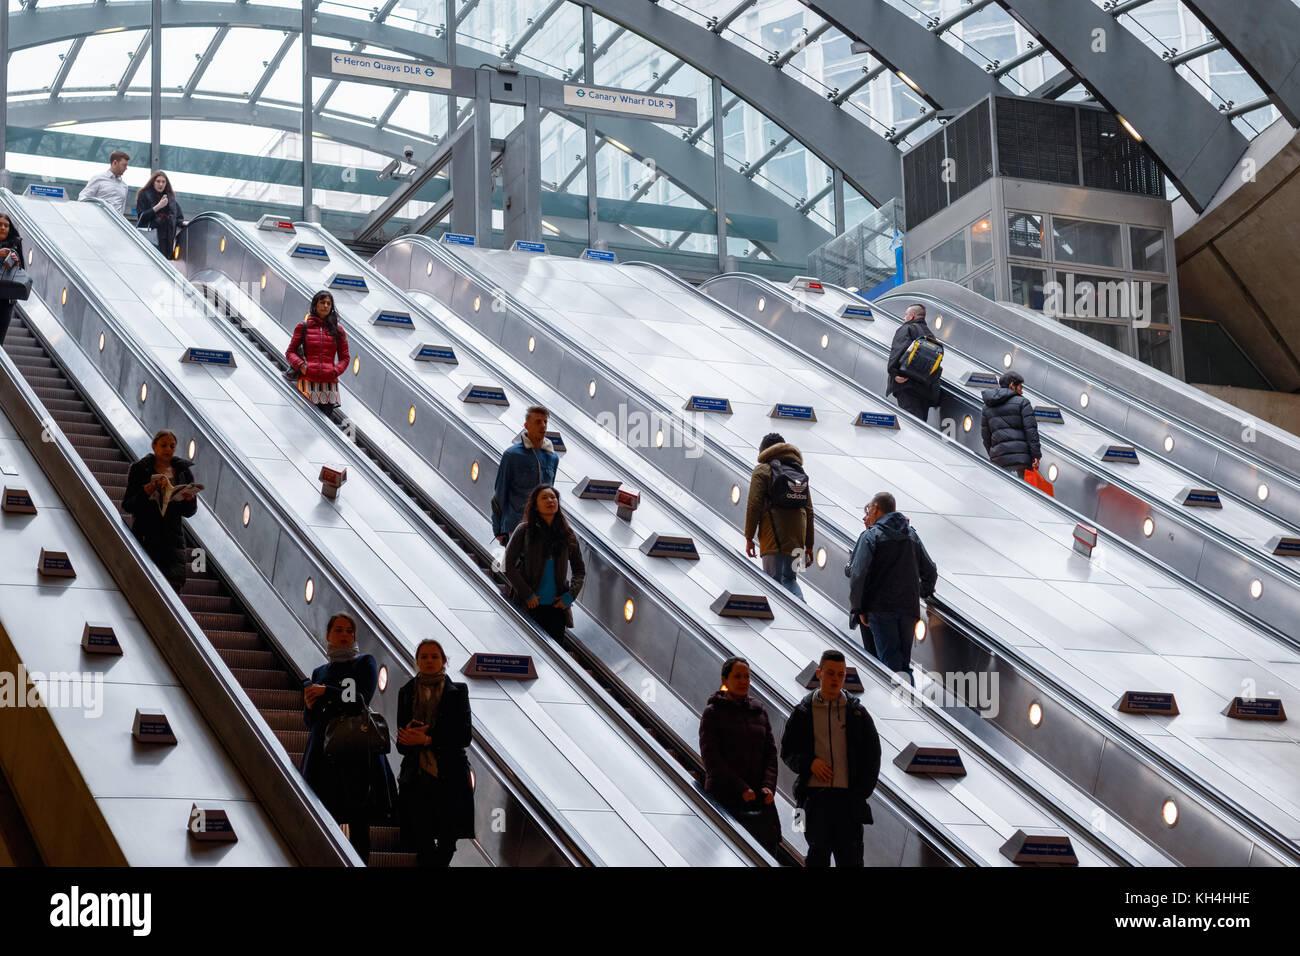 London, Regno Unito - 24 novembre 2017 - l'ingresso della stazione metropolitana canary wharf con pendolari Immagini Stock